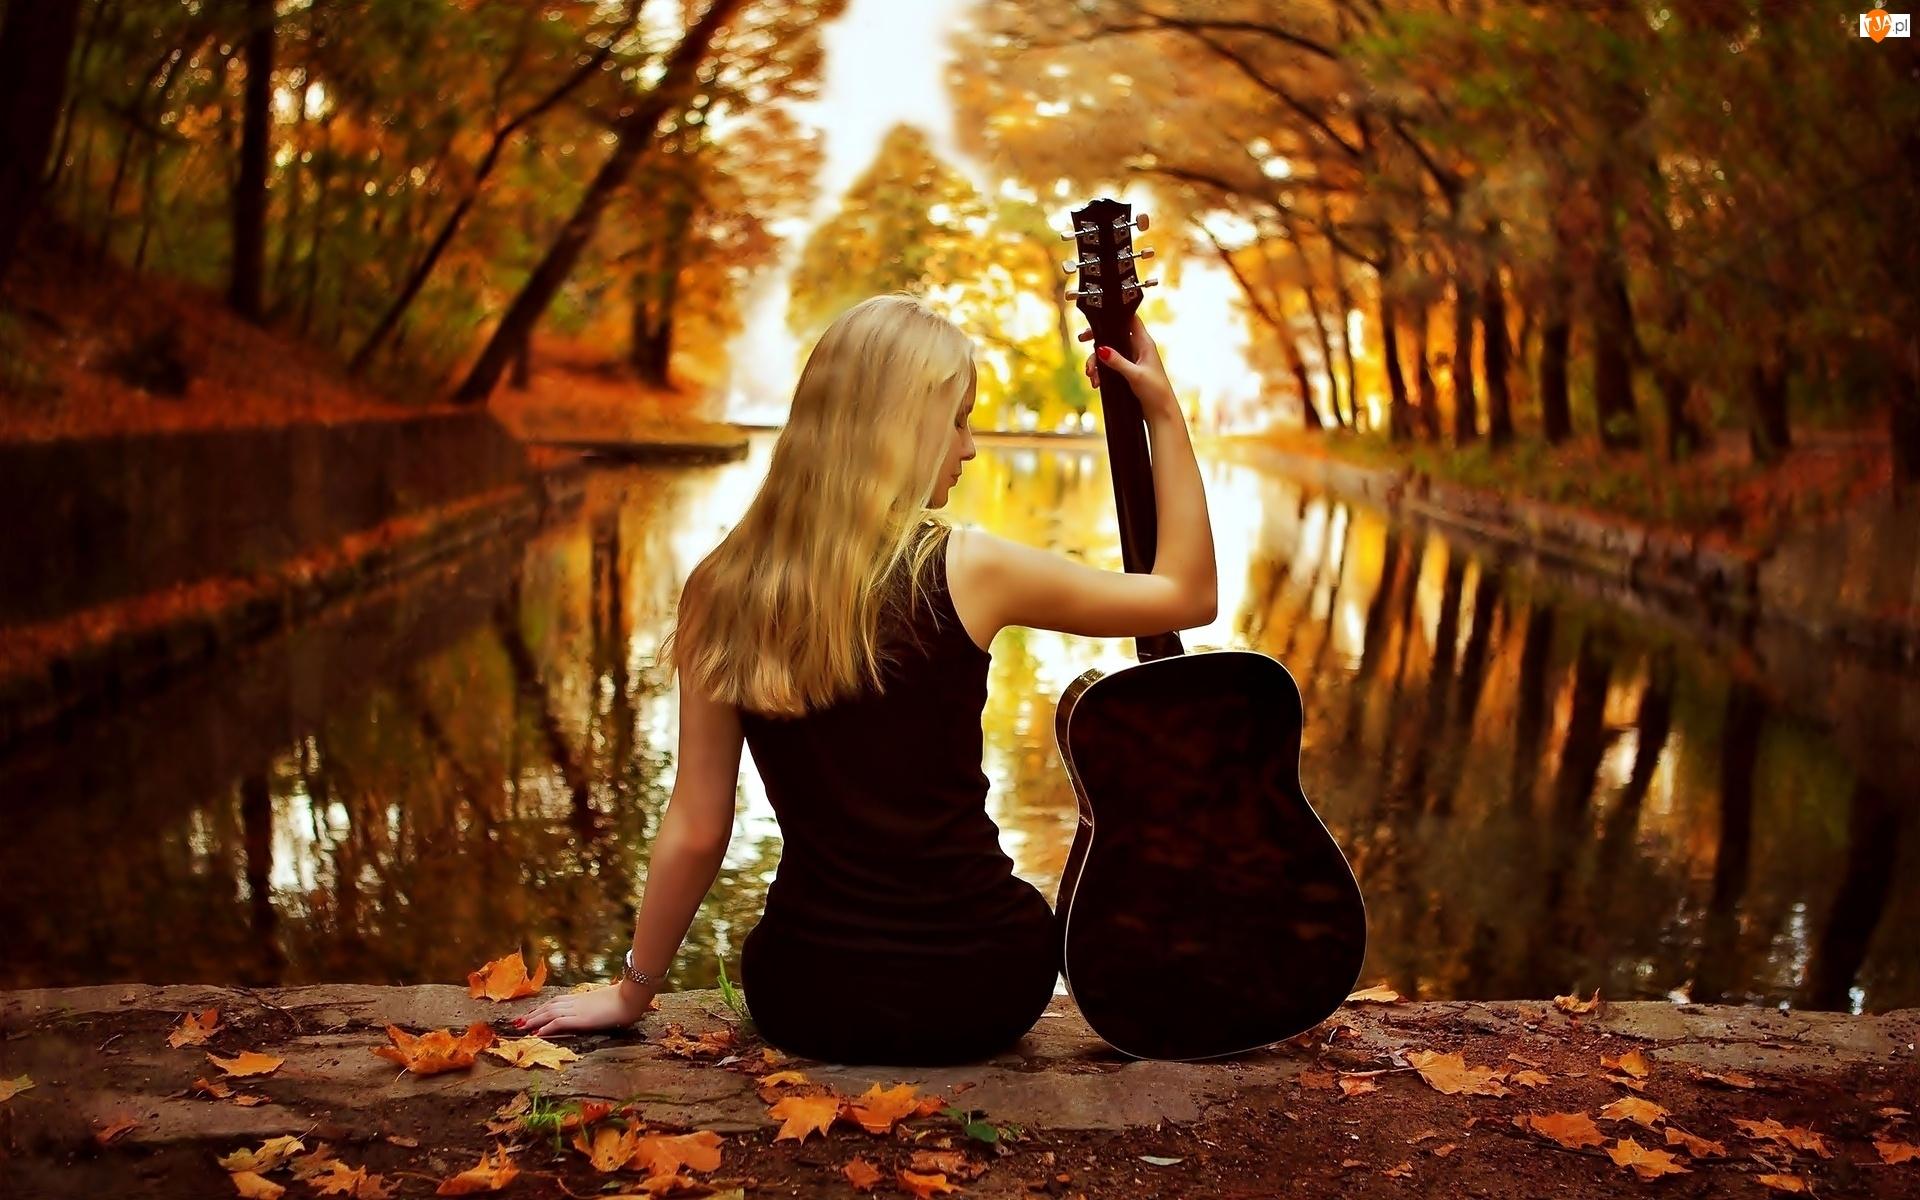 Jesień, Staw, Kobieta, Gitara, Blondynka, Liście